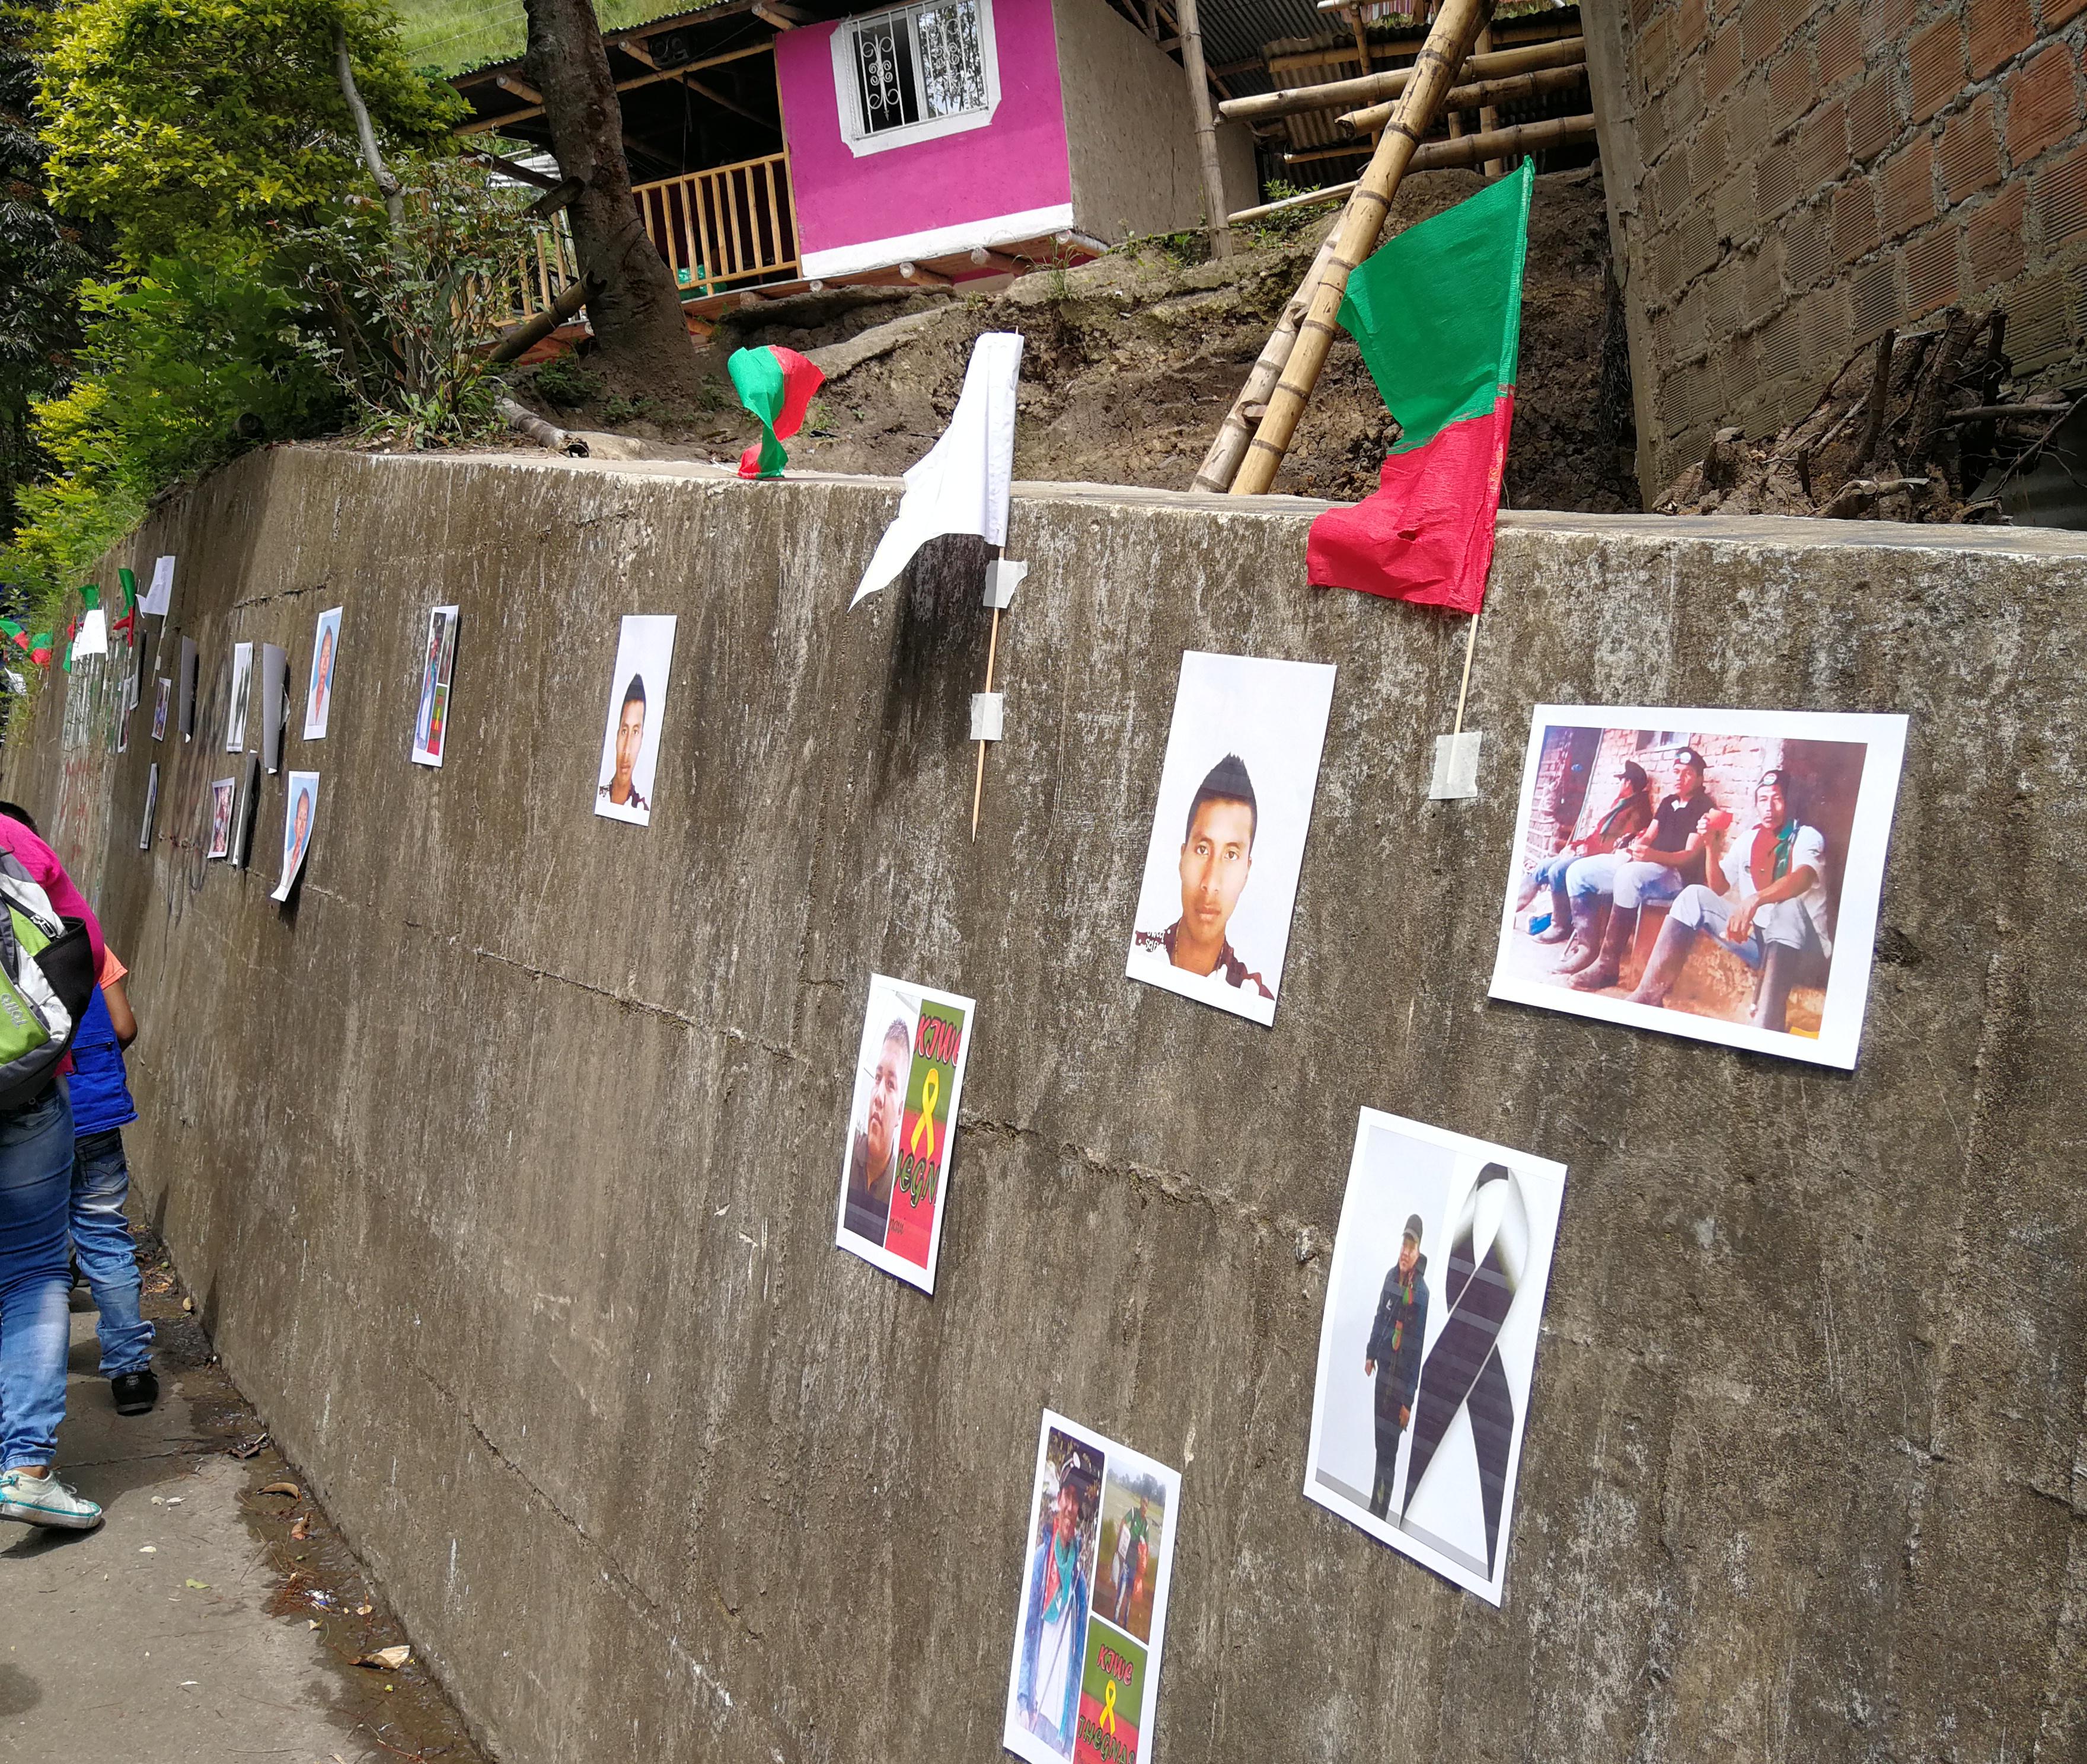 Mural con fotos de guardias indígenas asesinados en el Cauca. Según las cuentas del Consejo Regional Indígena del Cauca (CRIC) en este año hasta el 4 de noviembre habían sido asesinados 56 indígenas. Foto tomada en octubre de 2019. Crédito: La Liga Contra el Silencio.